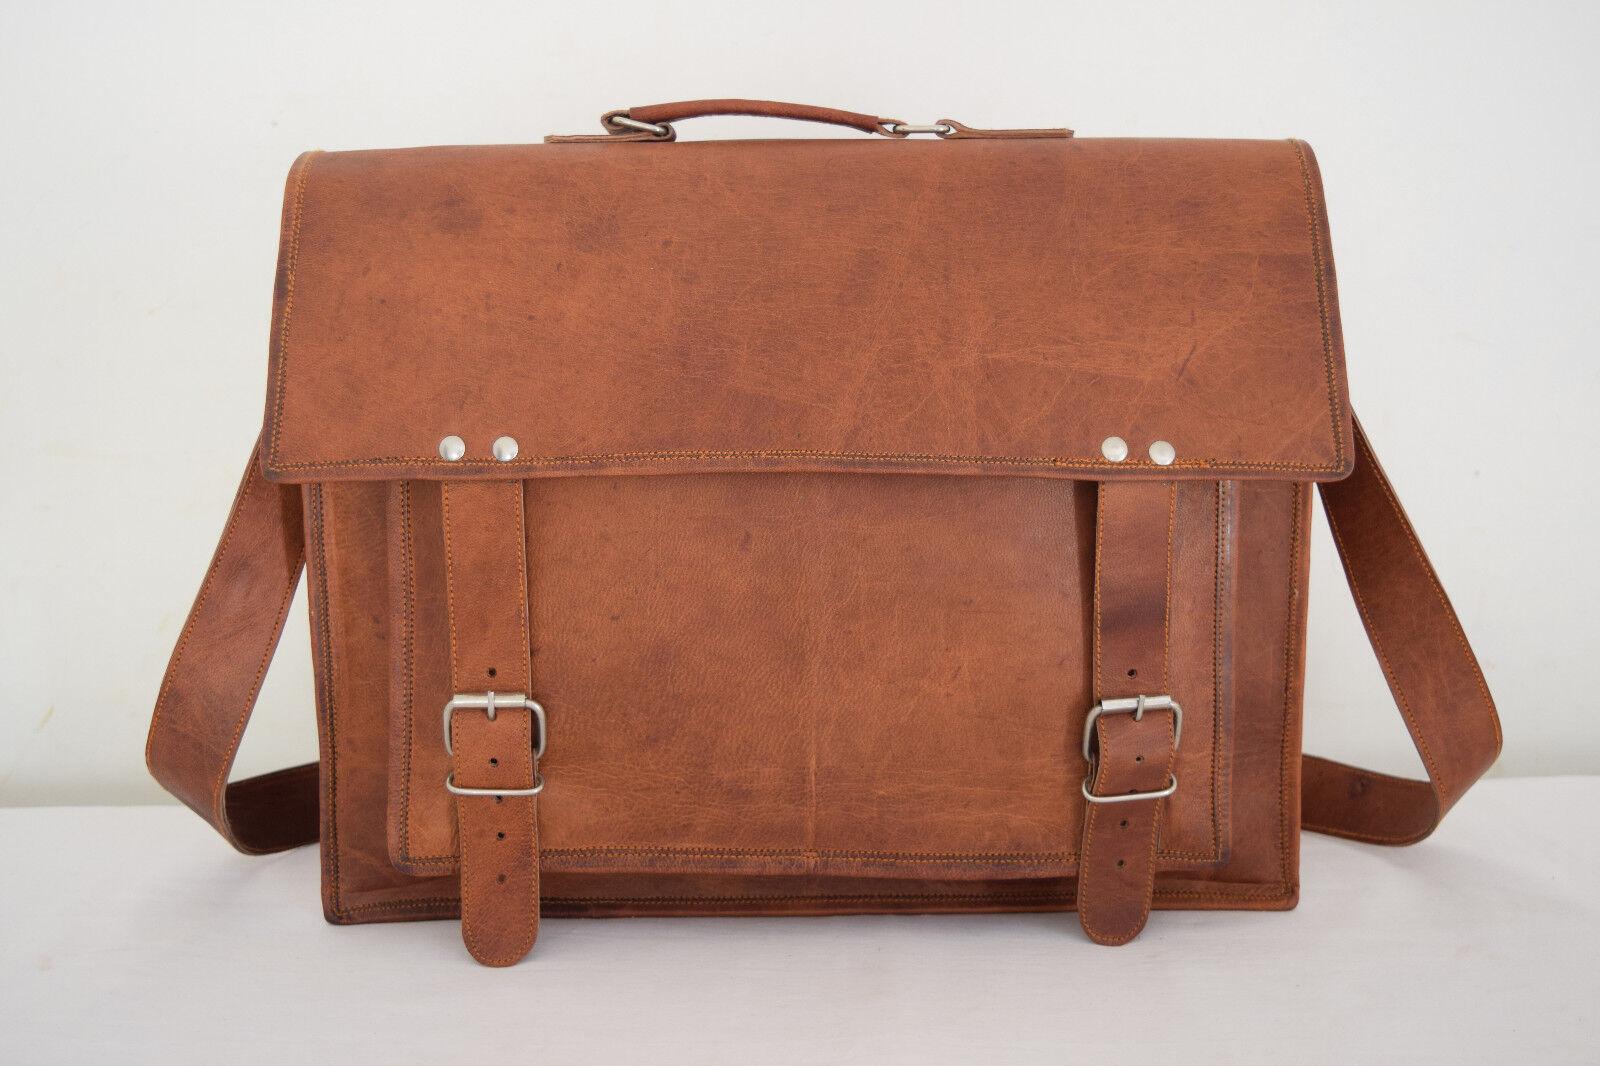 Herren Leder Aktentasche 17  Laptop Umhängetasche Schultertasche Messenger Bag Bag Bag | Moderate Kosten  2c7e54